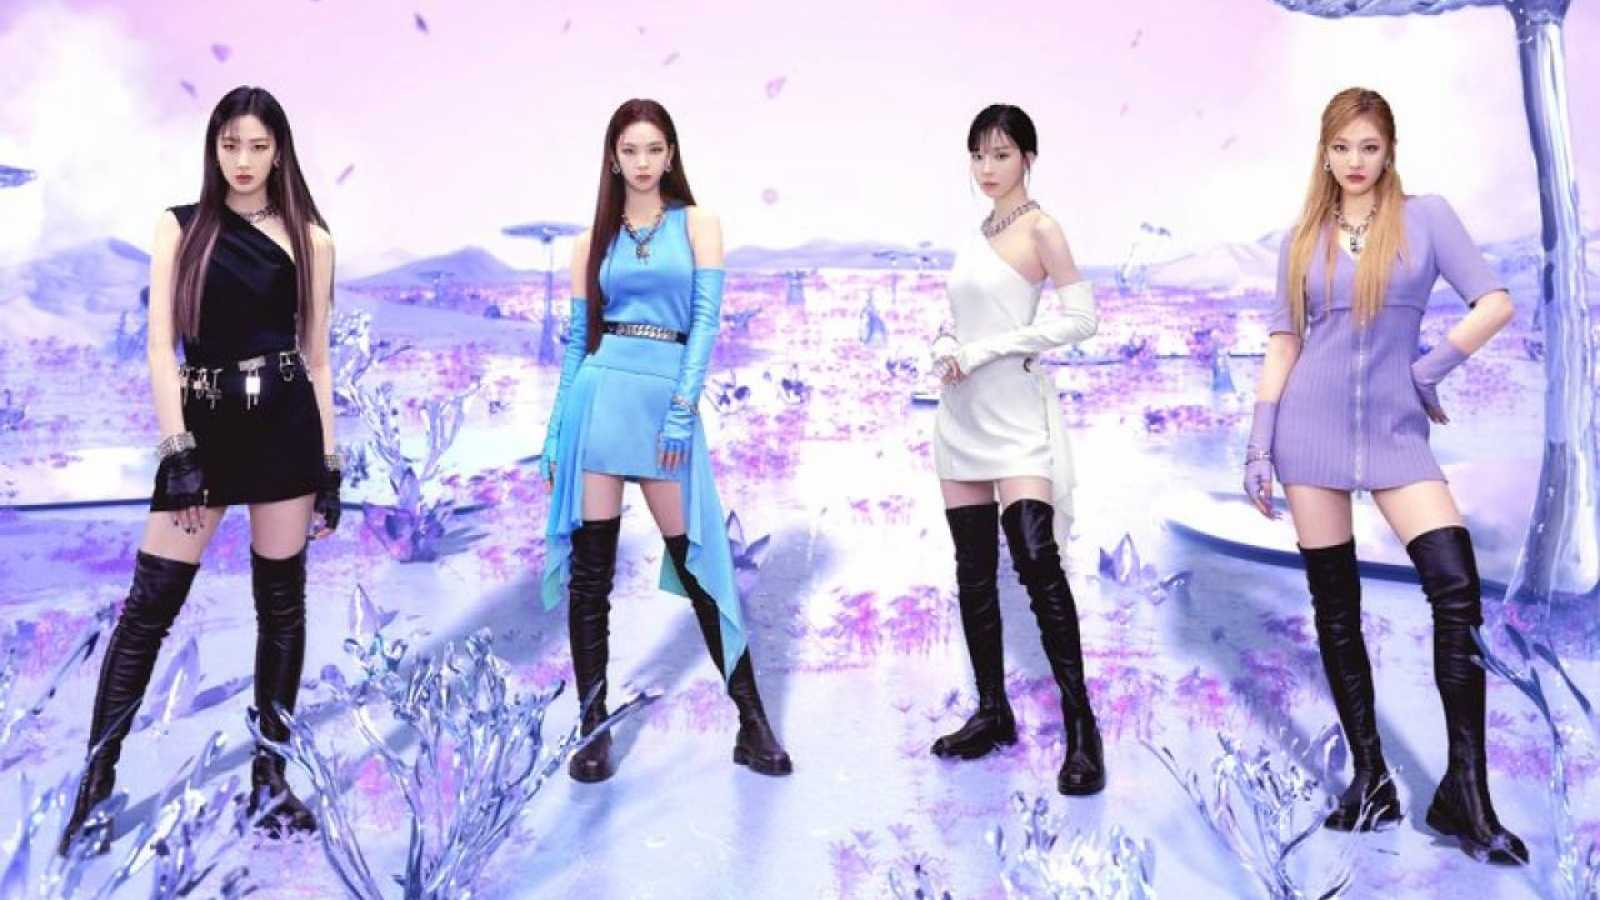 æspa ilmaisee ensimmäisellä minialbumillaan syviä tunteita ja erilaisia värejä © SM Entertainment